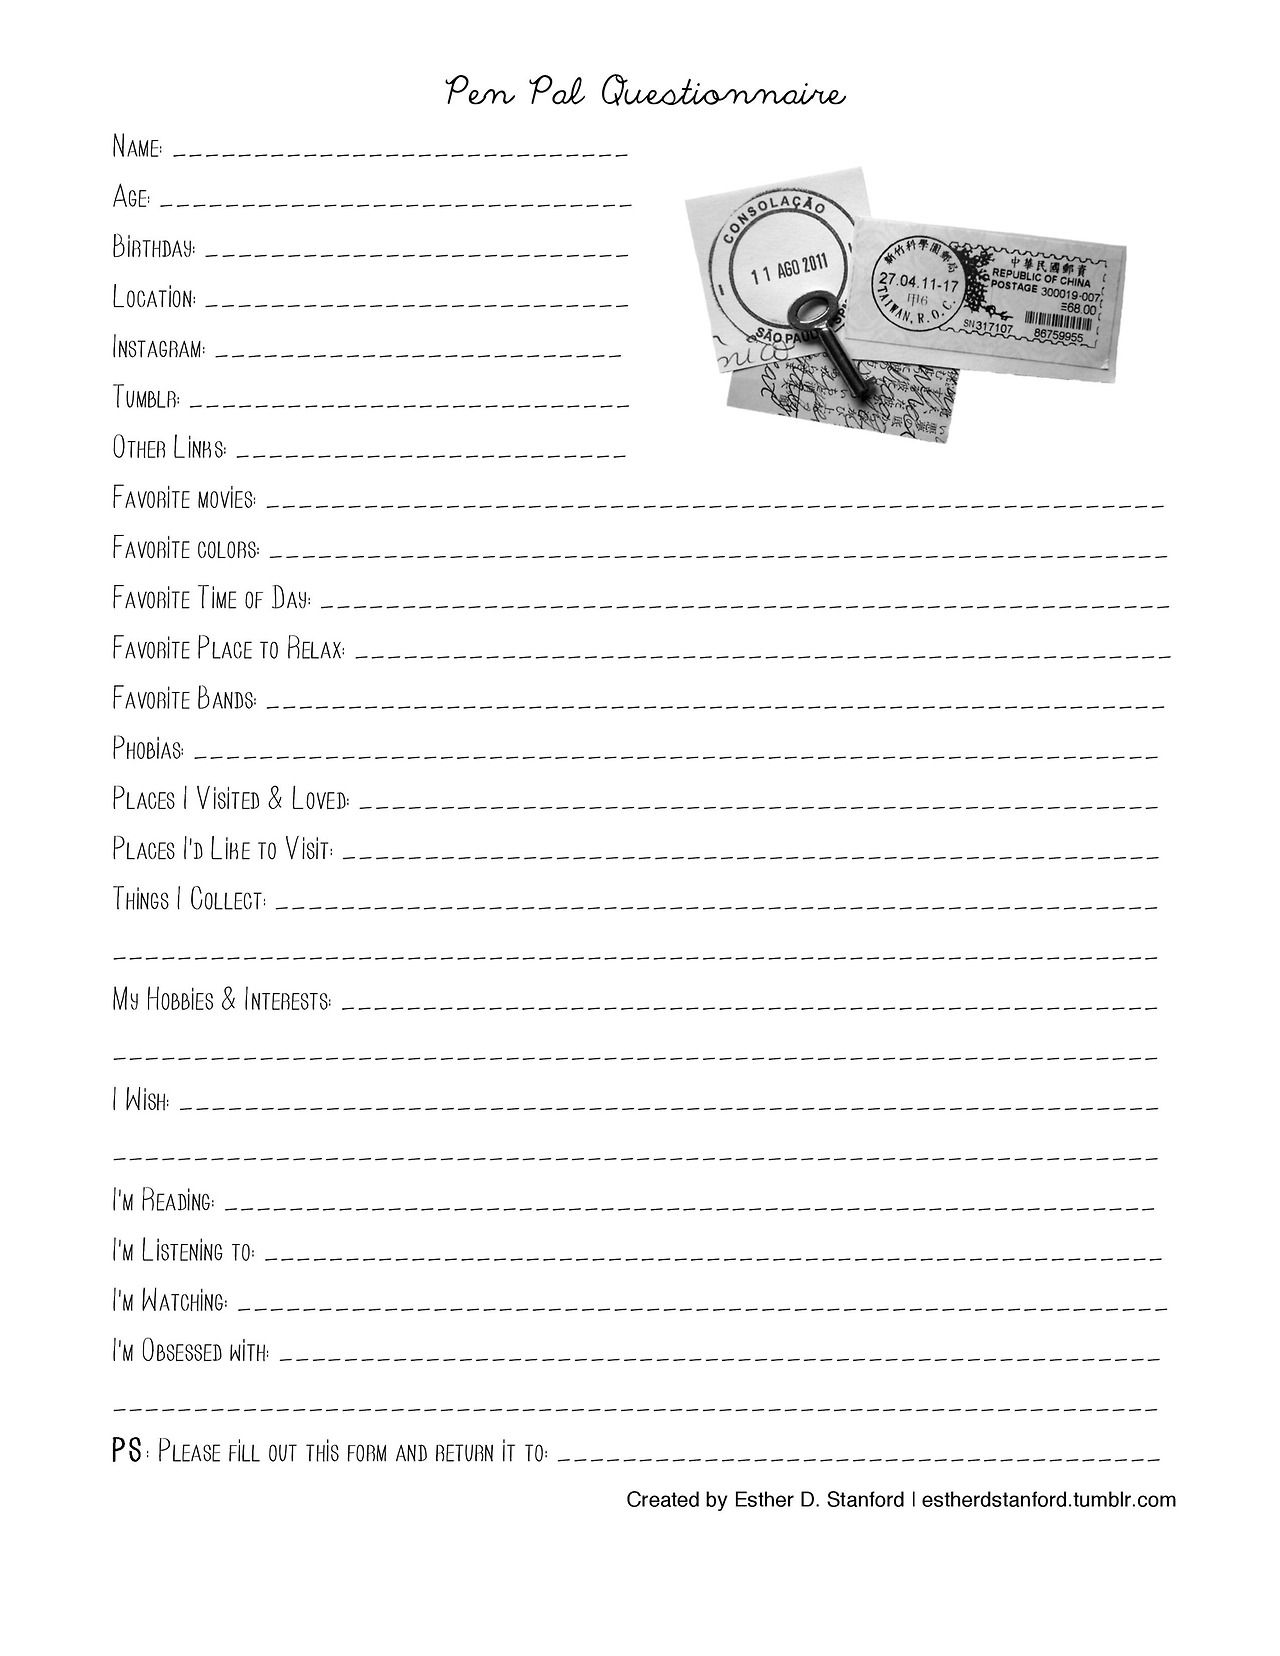 Pen Pal Questionnaire